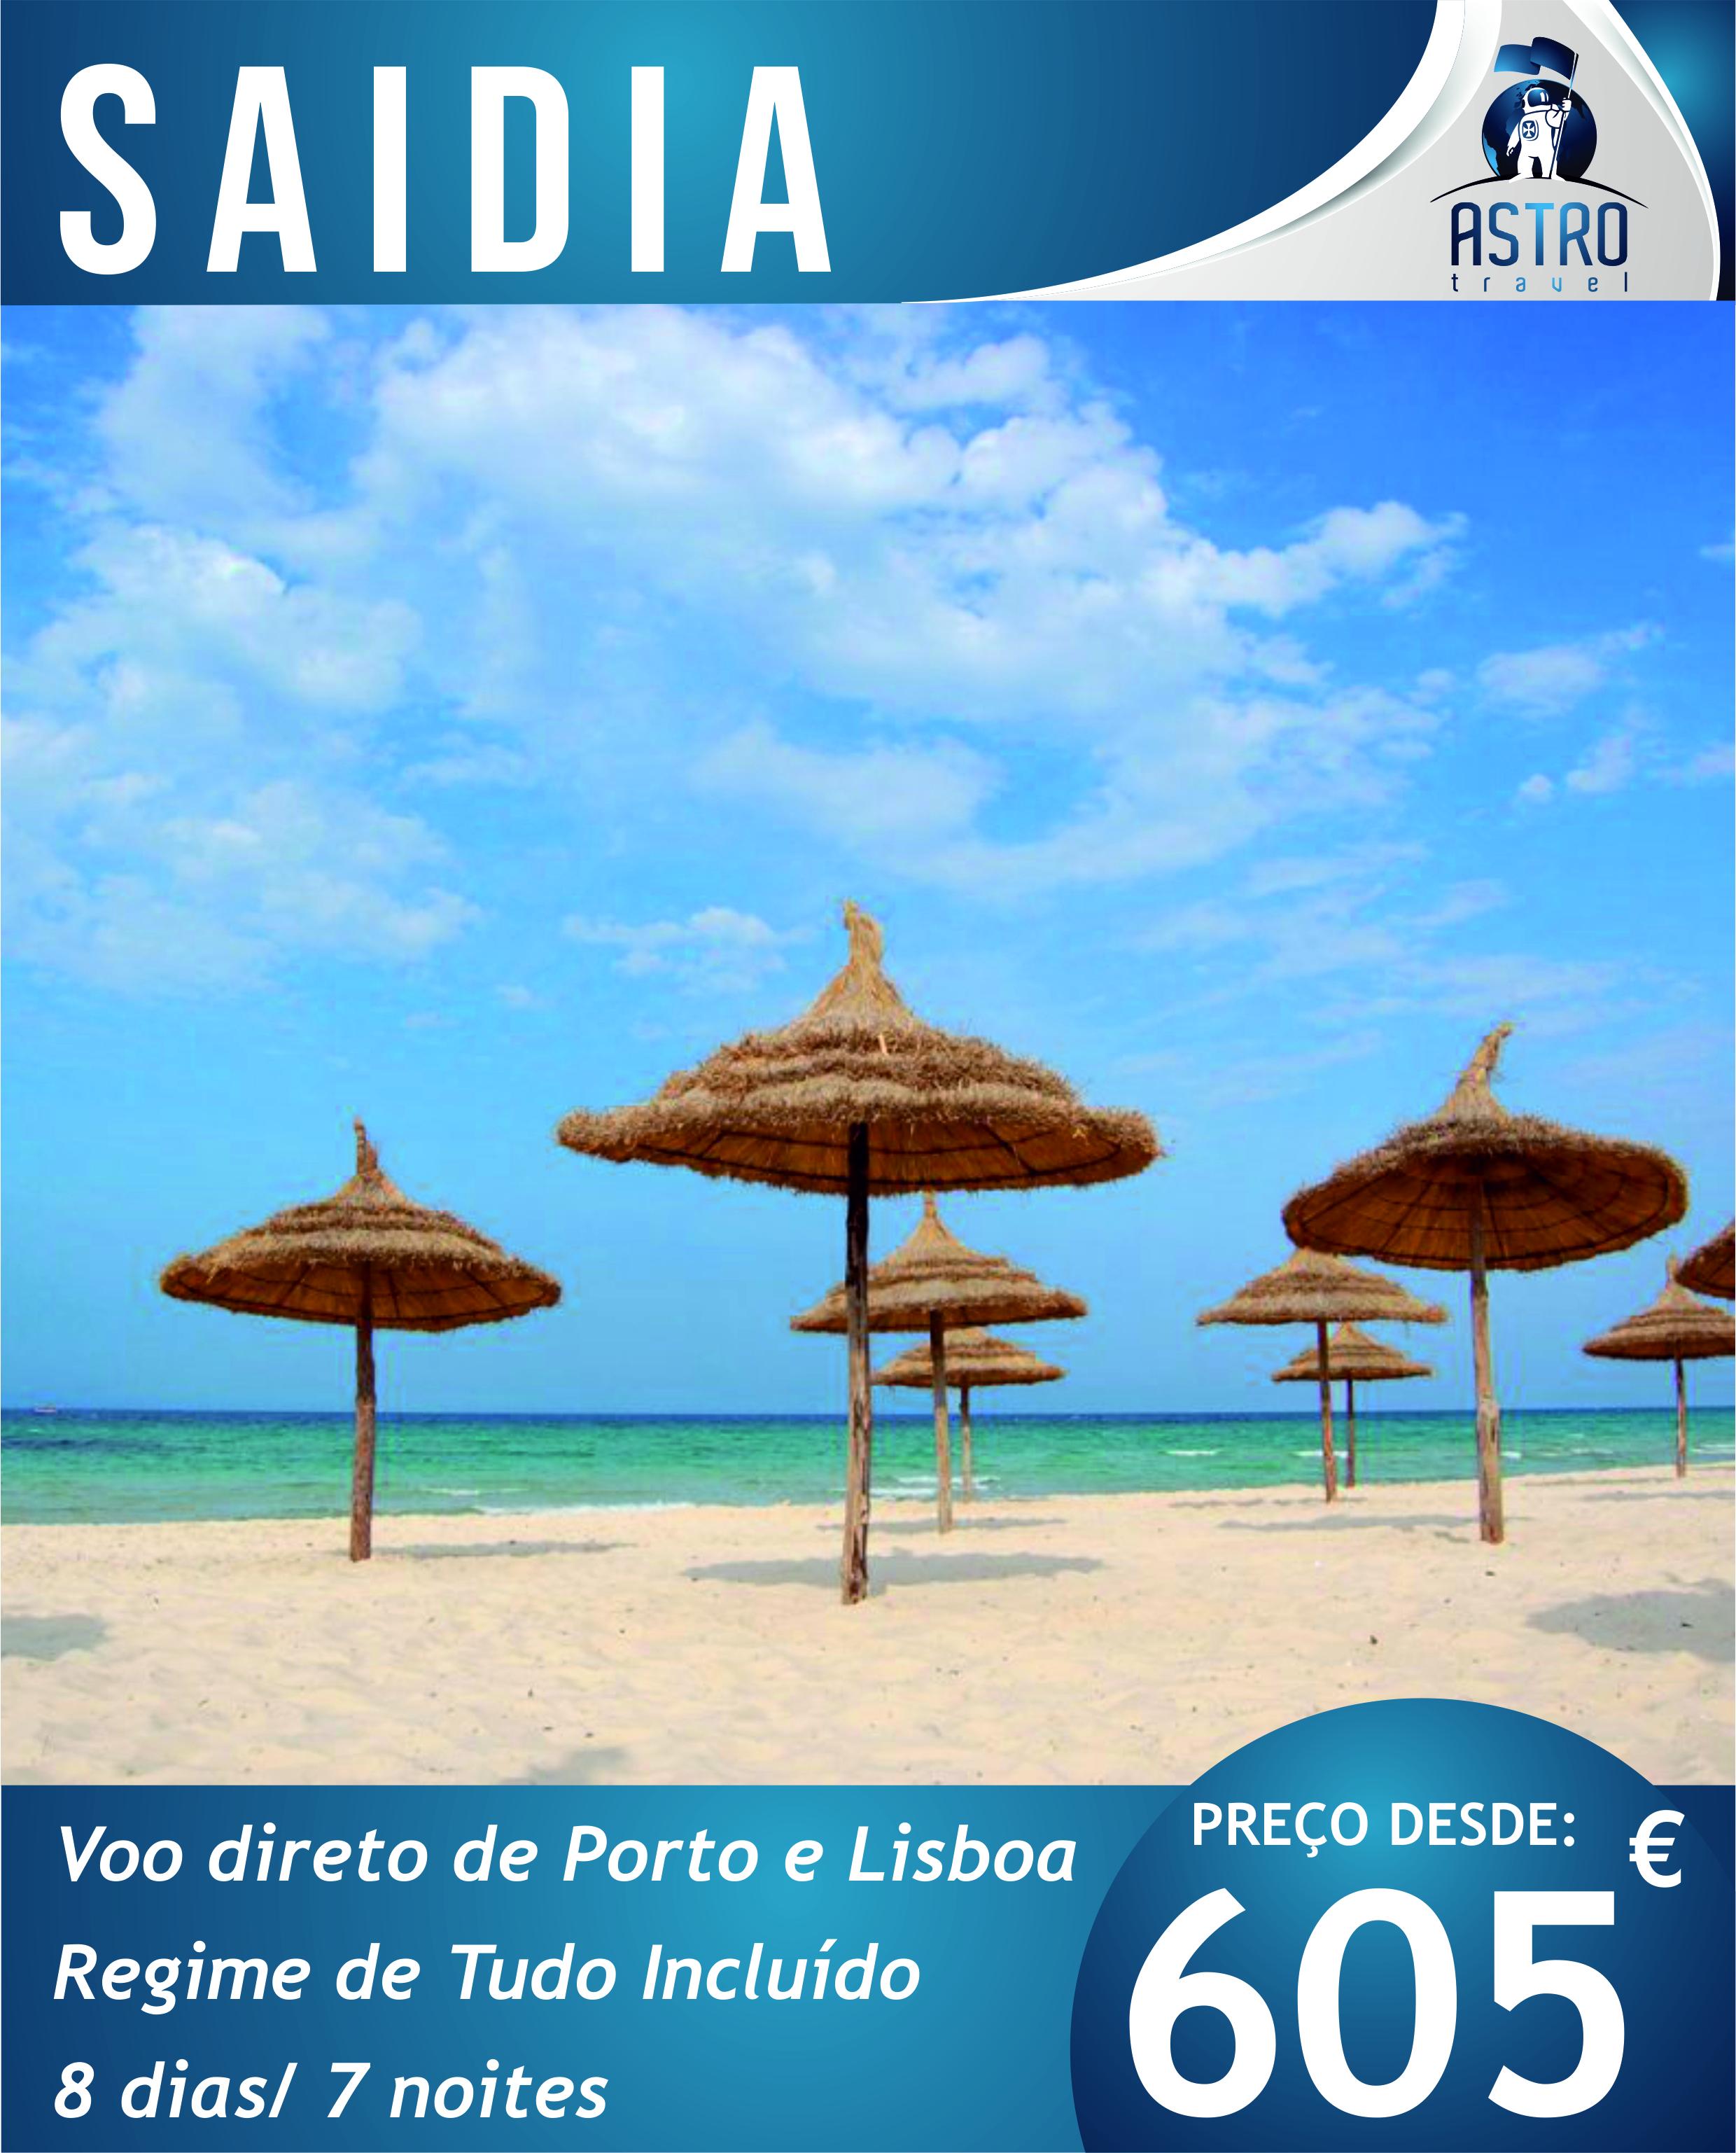 BF2020 Punta Cana 4